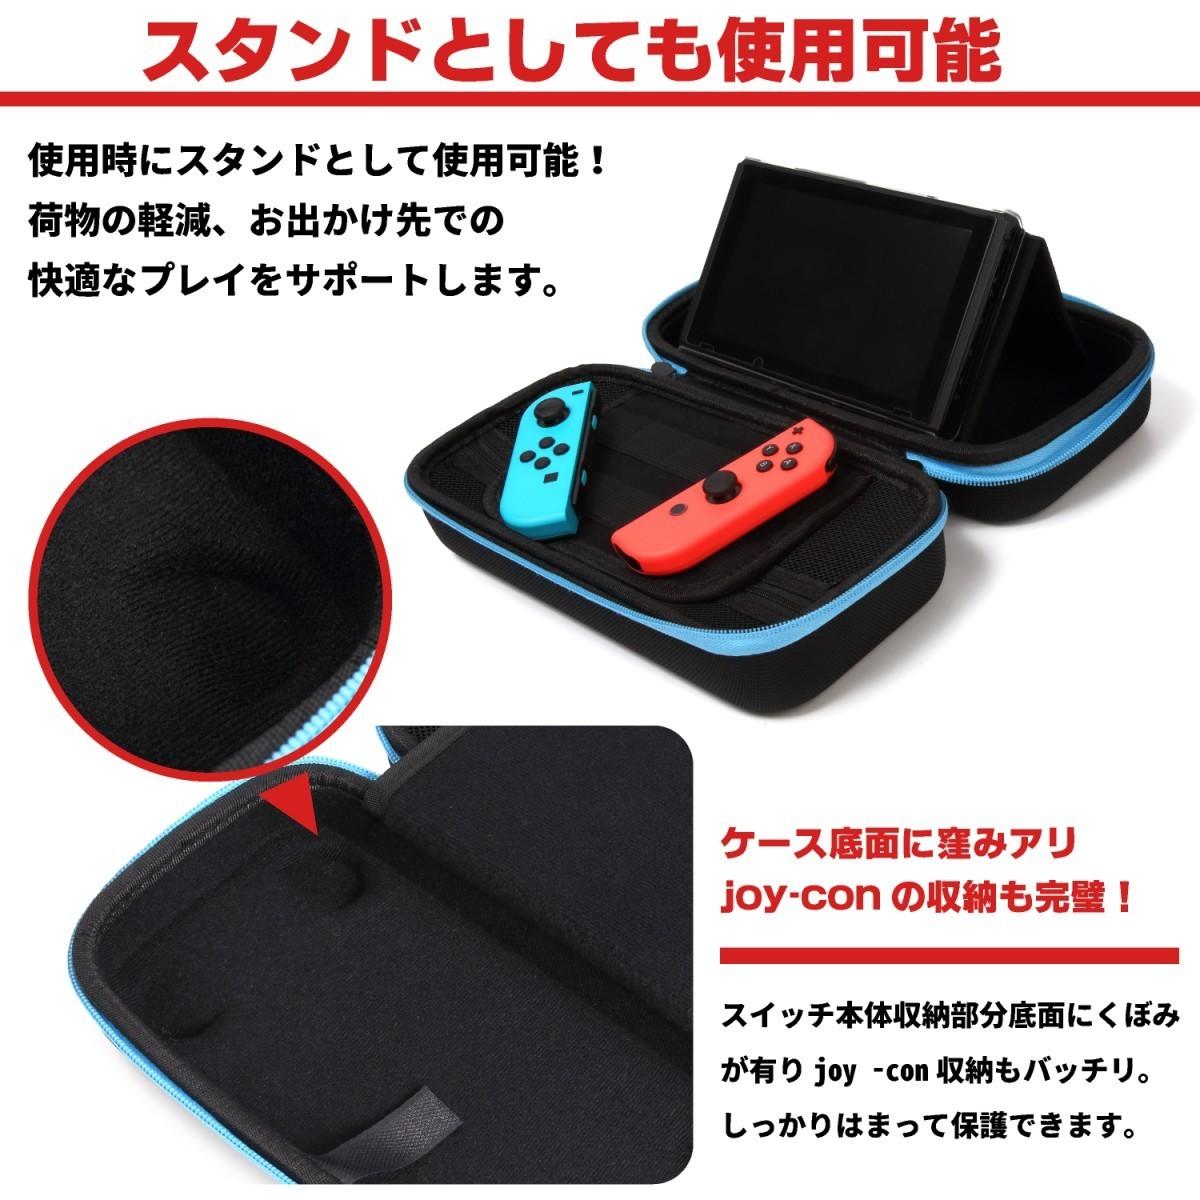 レオヤ LEOYA Nintendo Switch ケース 持ち運び スタンド機能付きの商品画像 4